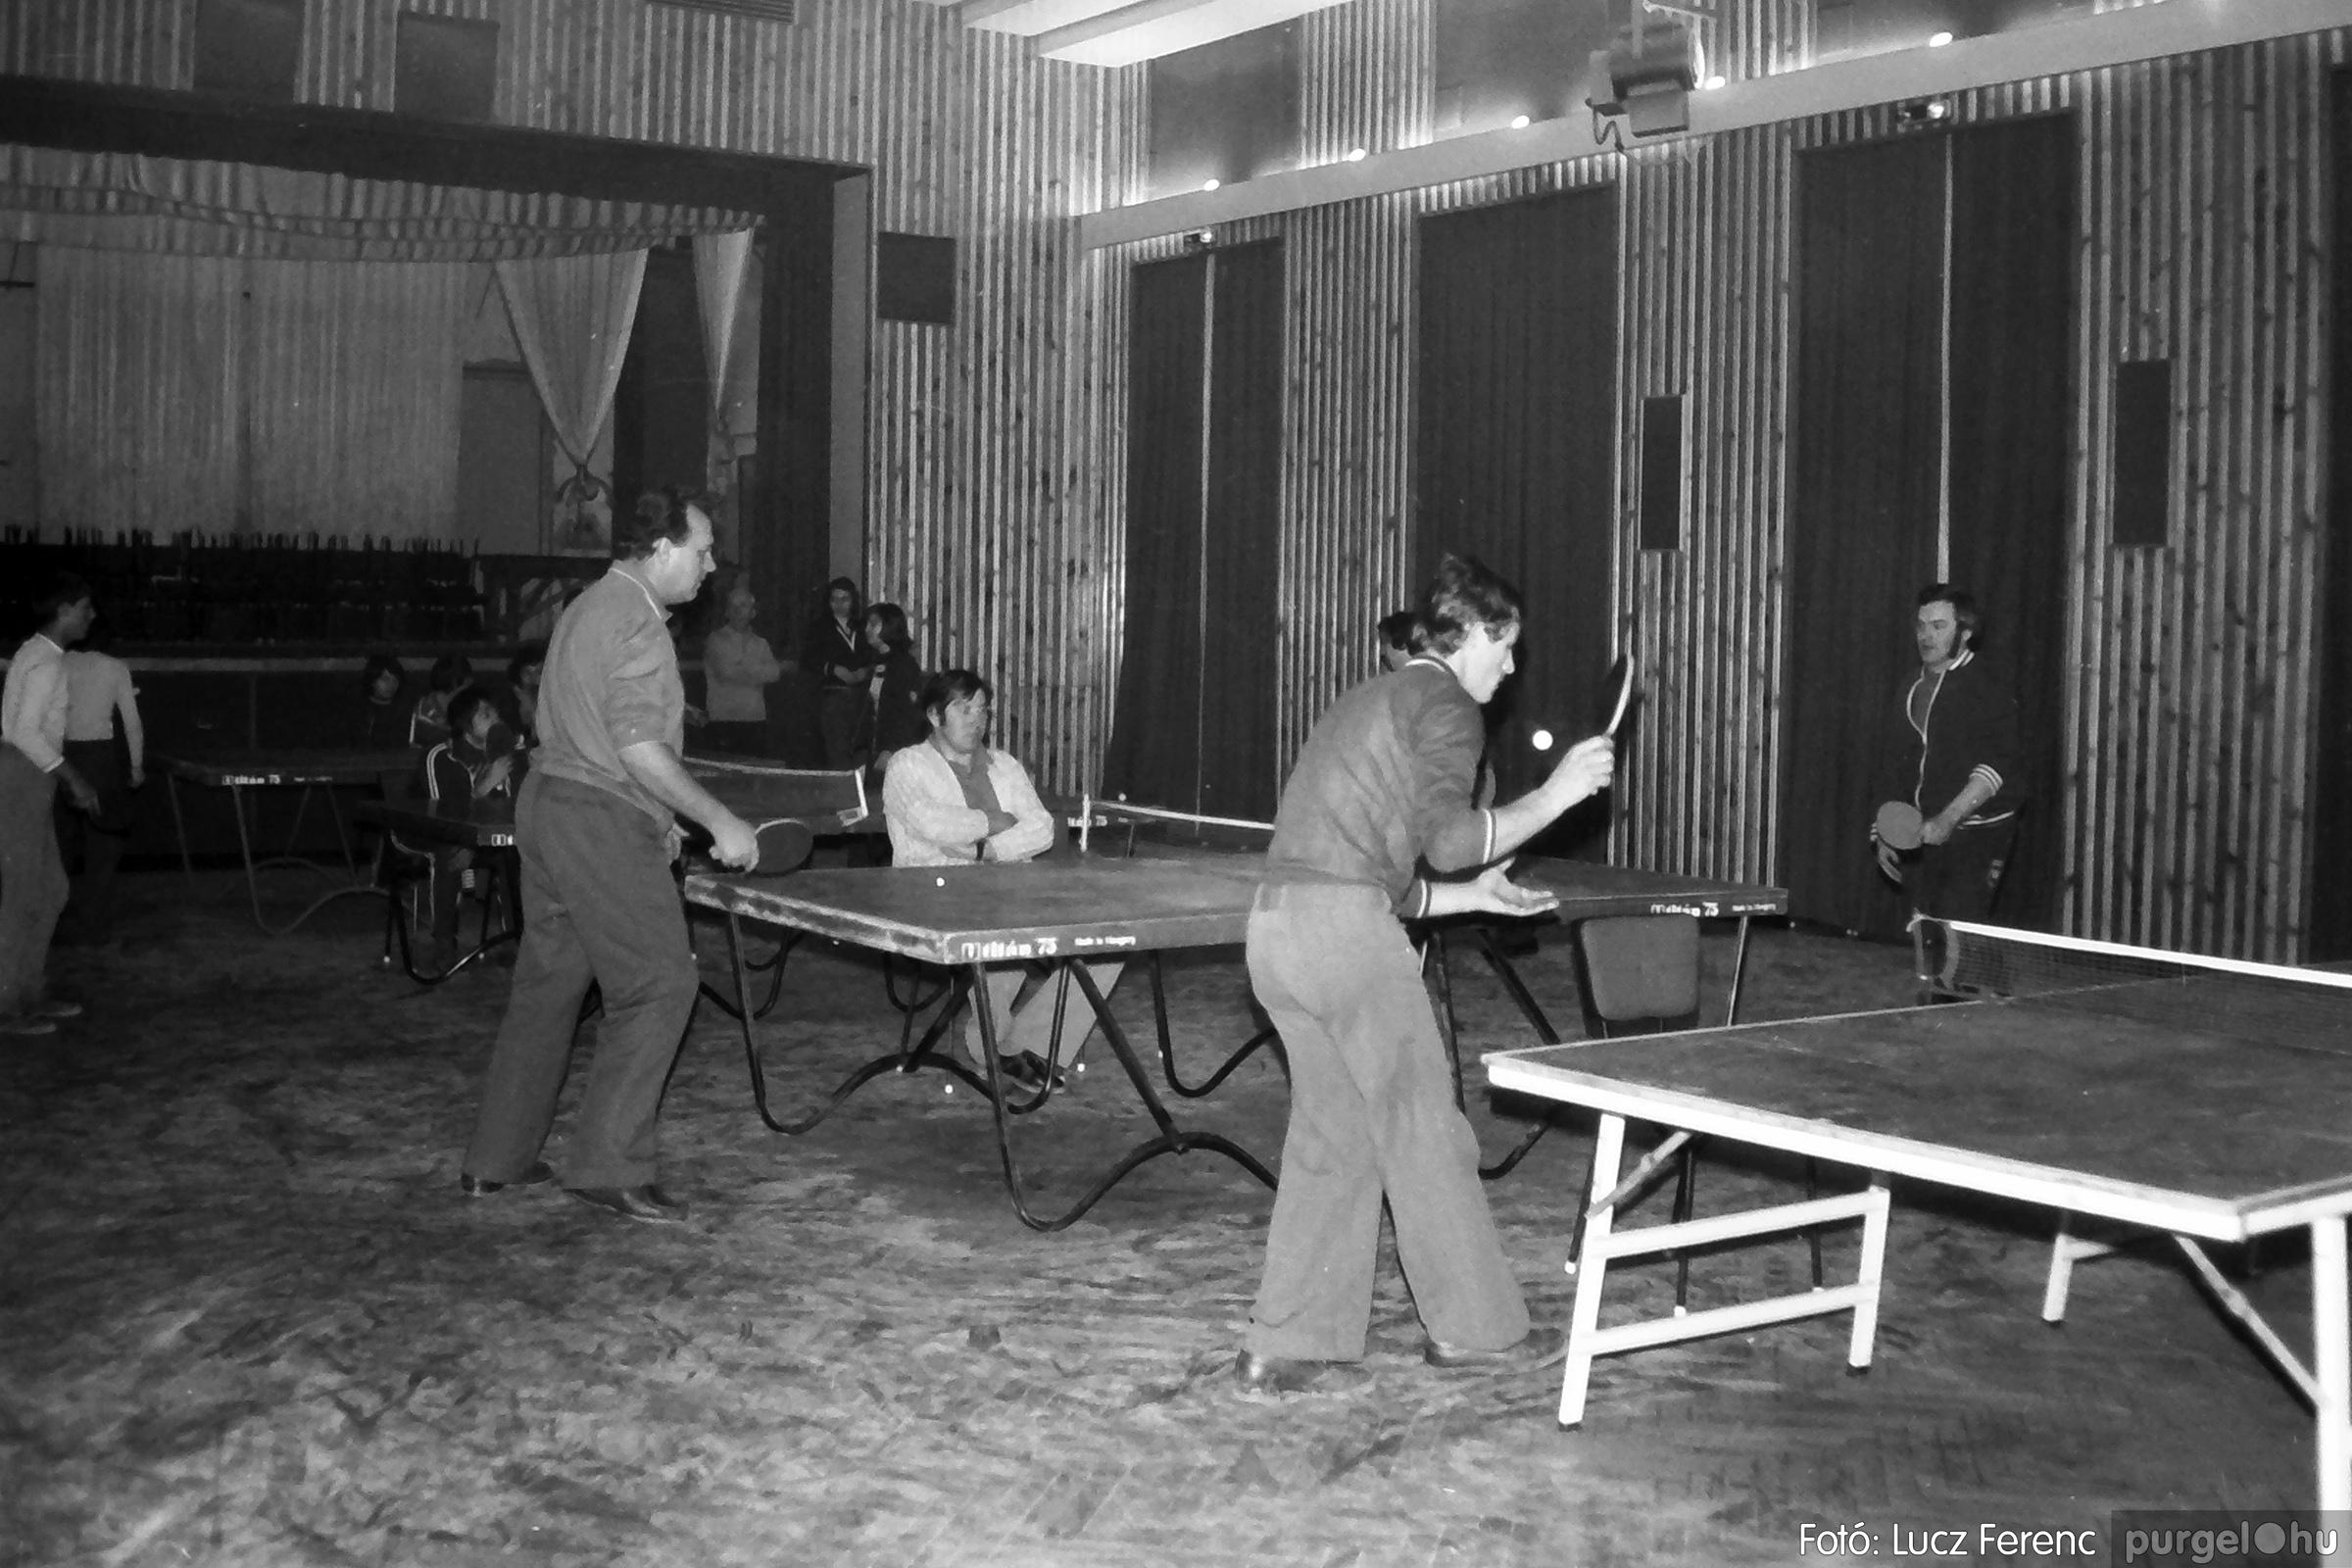 073. 1977. Asztaltenisz verseny 003. - Fotó: Lucz Ferenc.jpg